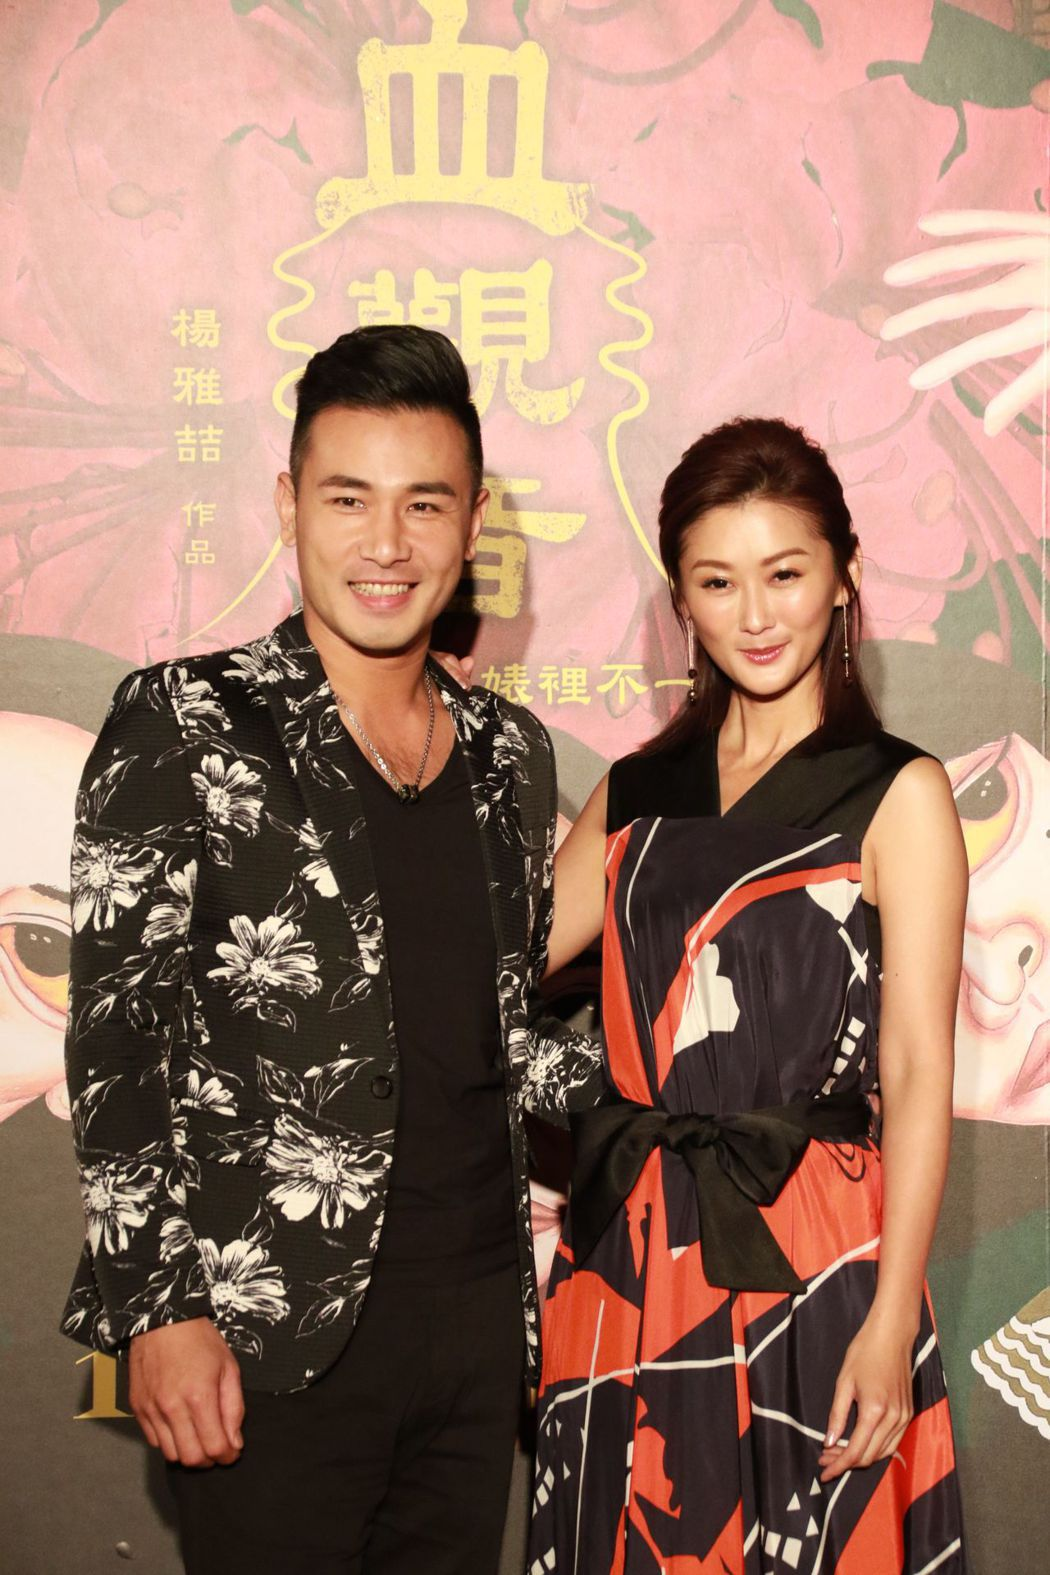 本土劇紅星傅子純、陳珮騏在「血觀音」有吃重演出,一起出席高雄首映會。圖/双喜提供